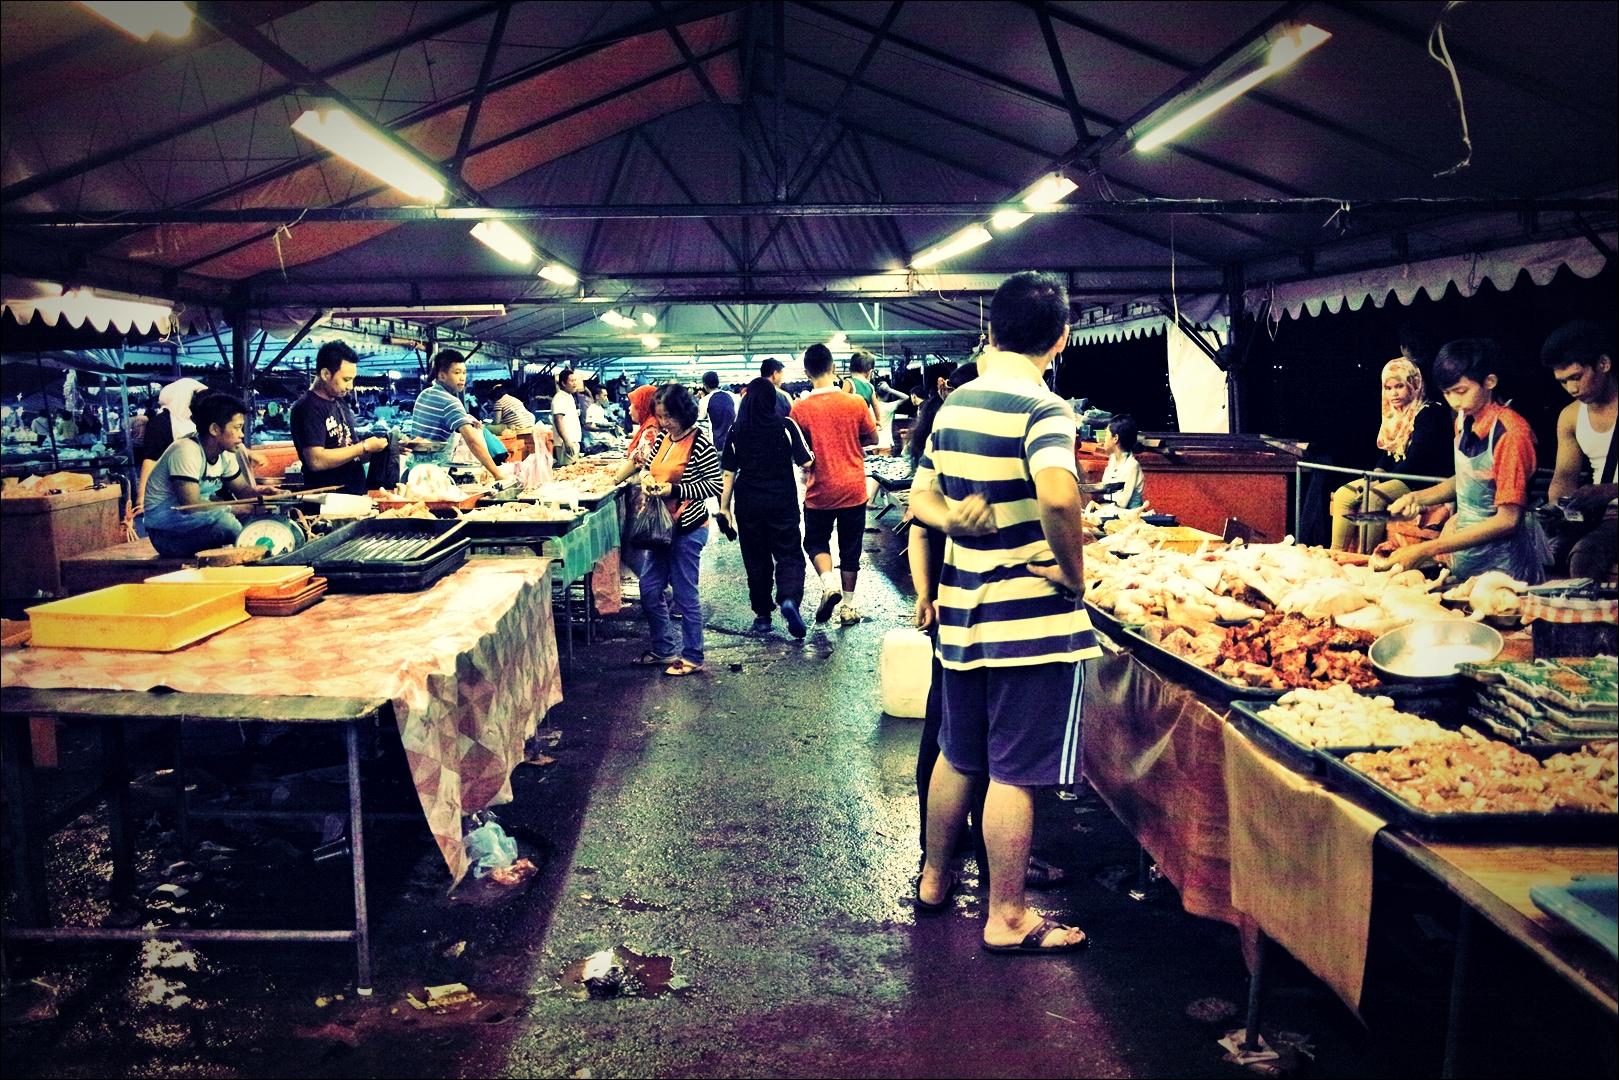 필리피노 마켓-'코타키나발루 둘러보기 Sightseeing Kota Kinabalu '